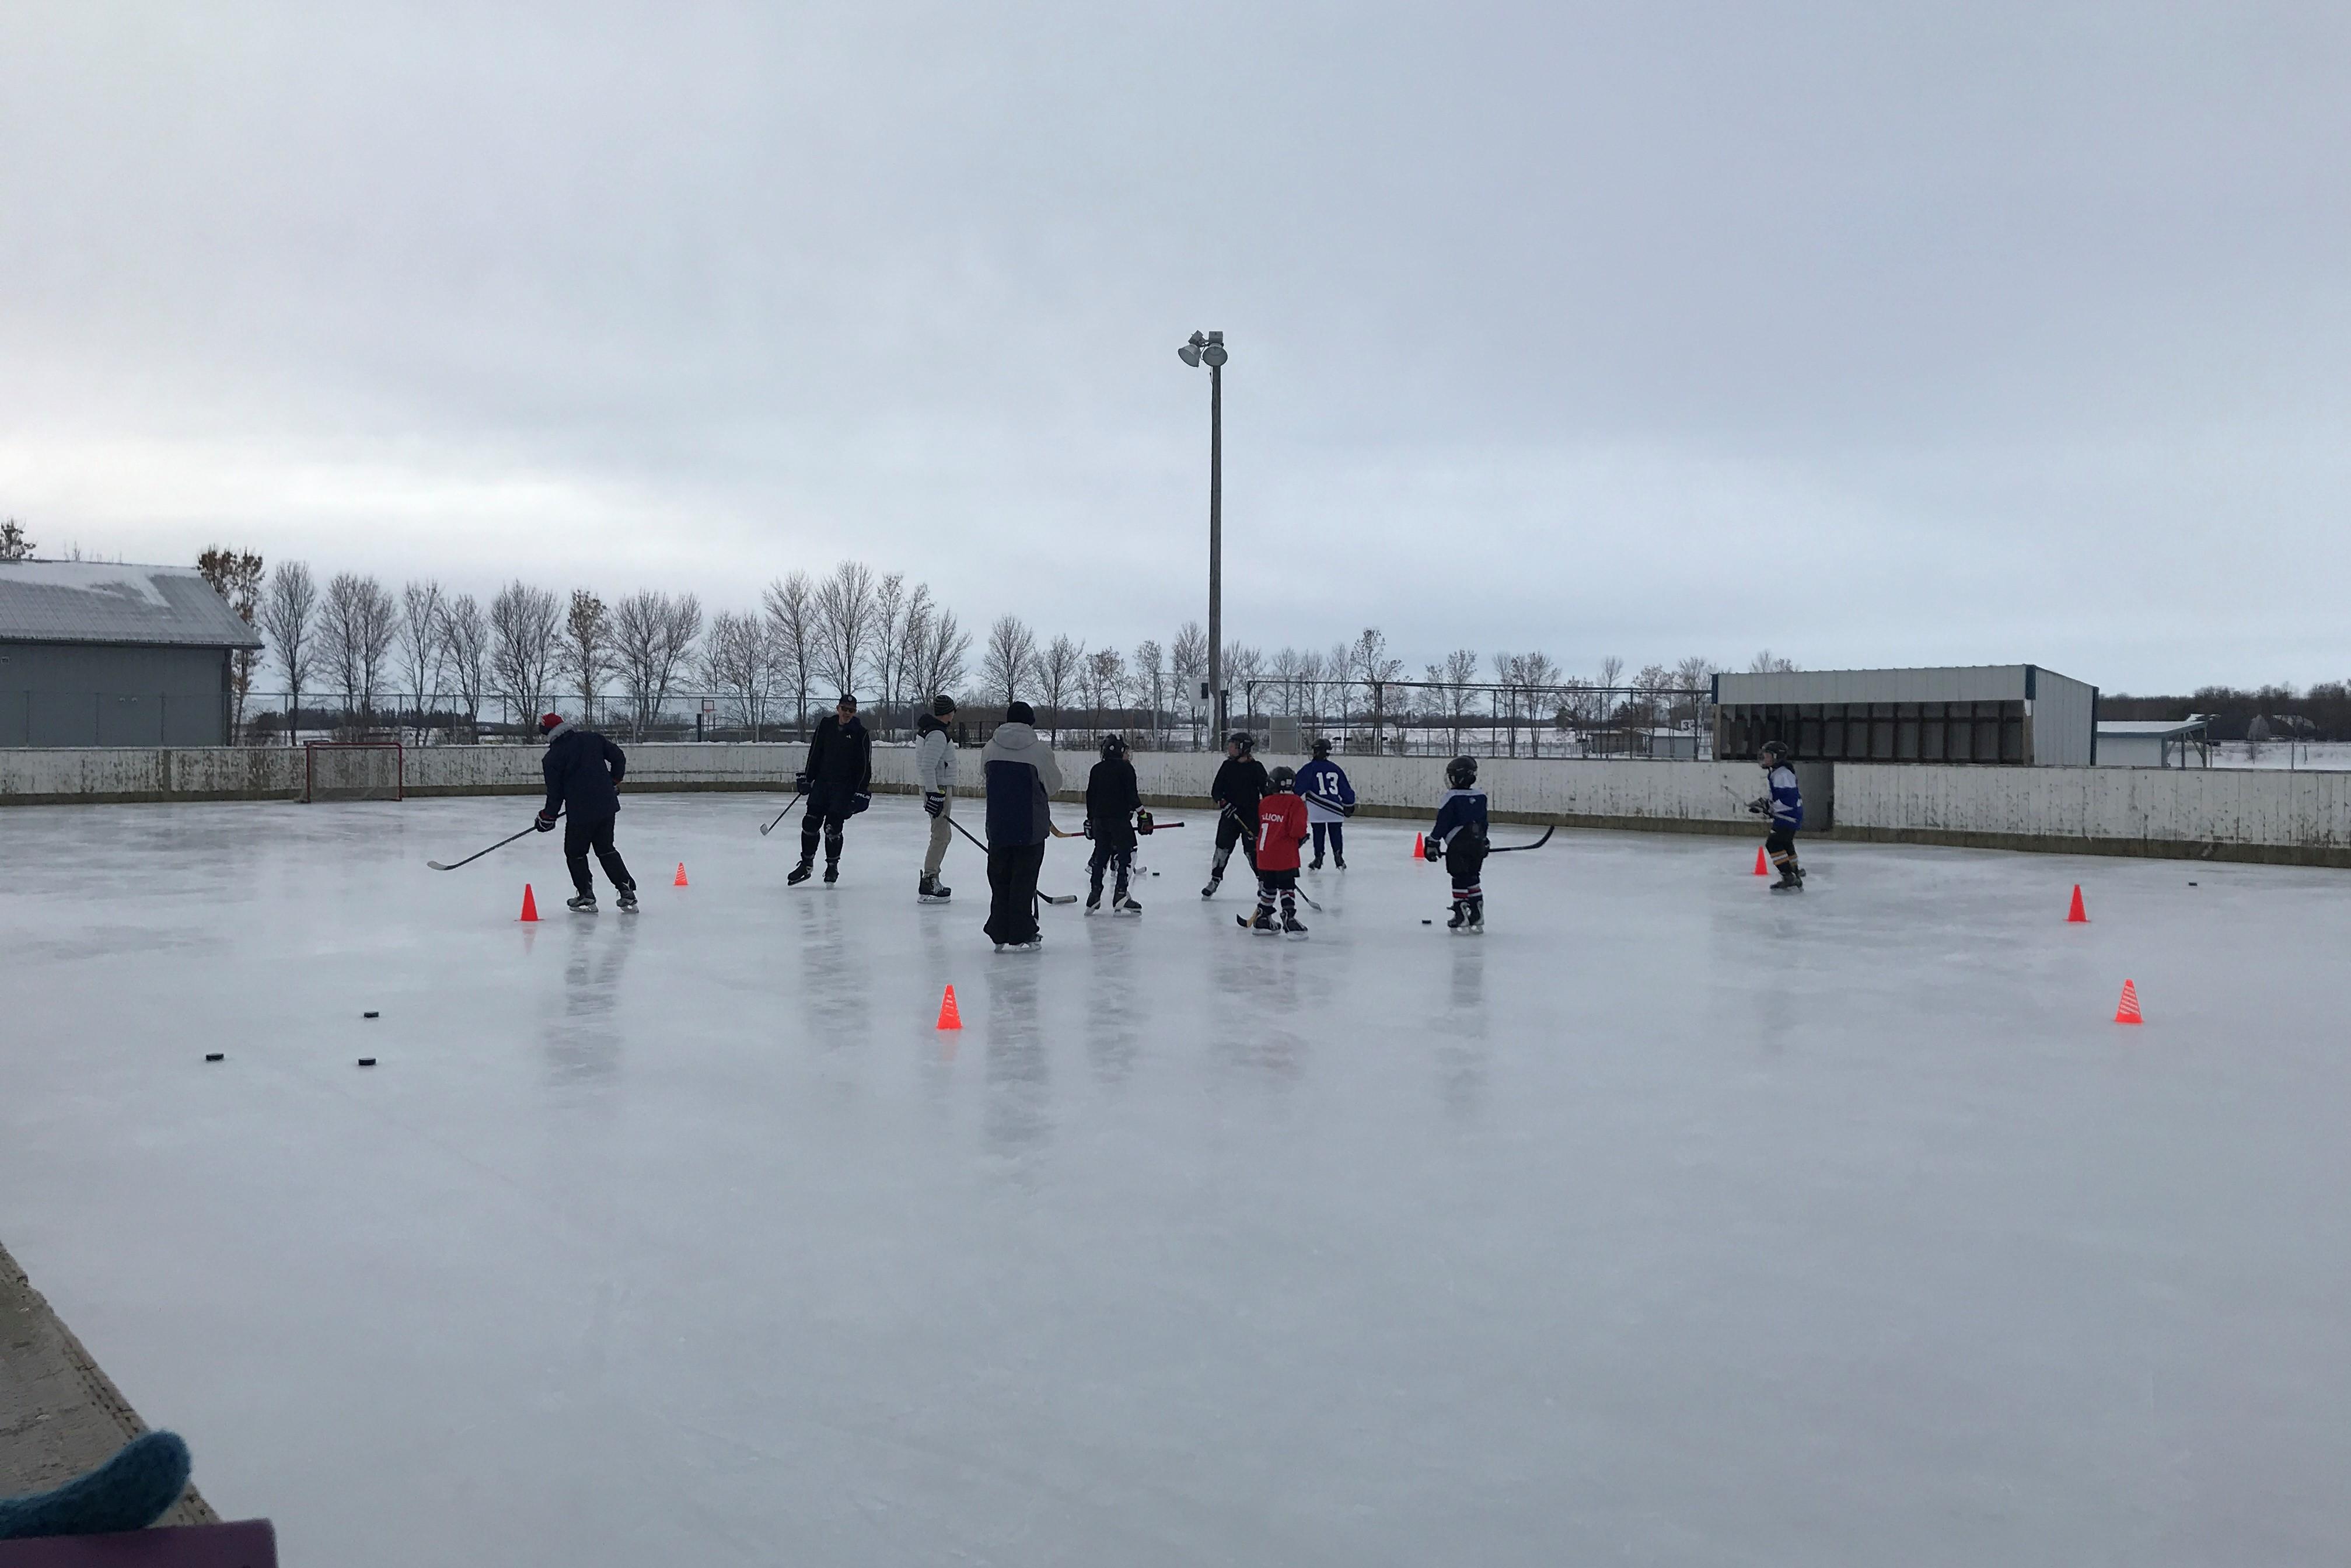 Blumenort Recreation - Outdoor Rink Open